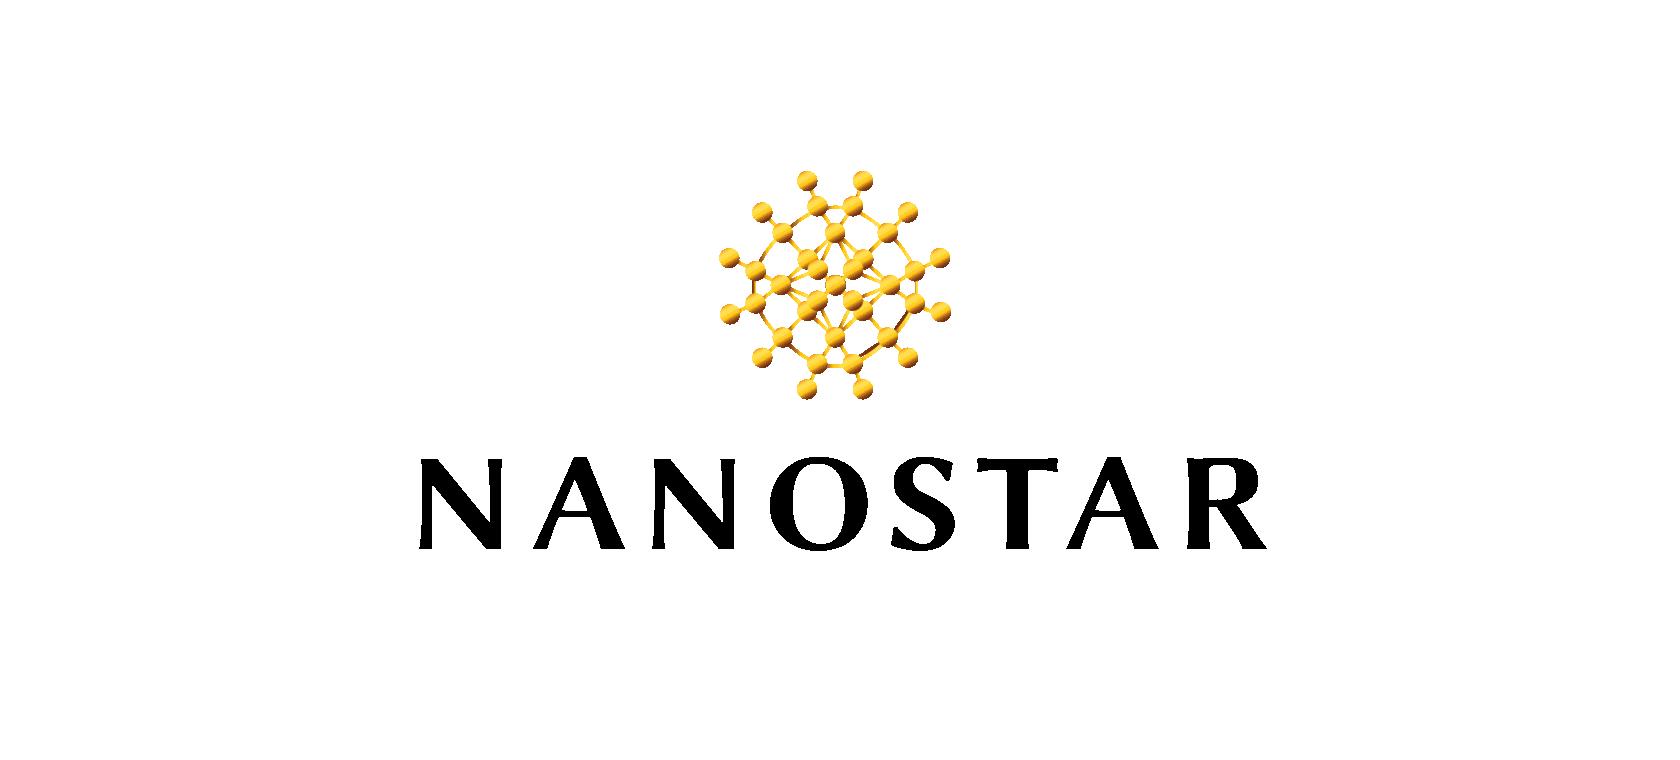 NANOSTAR